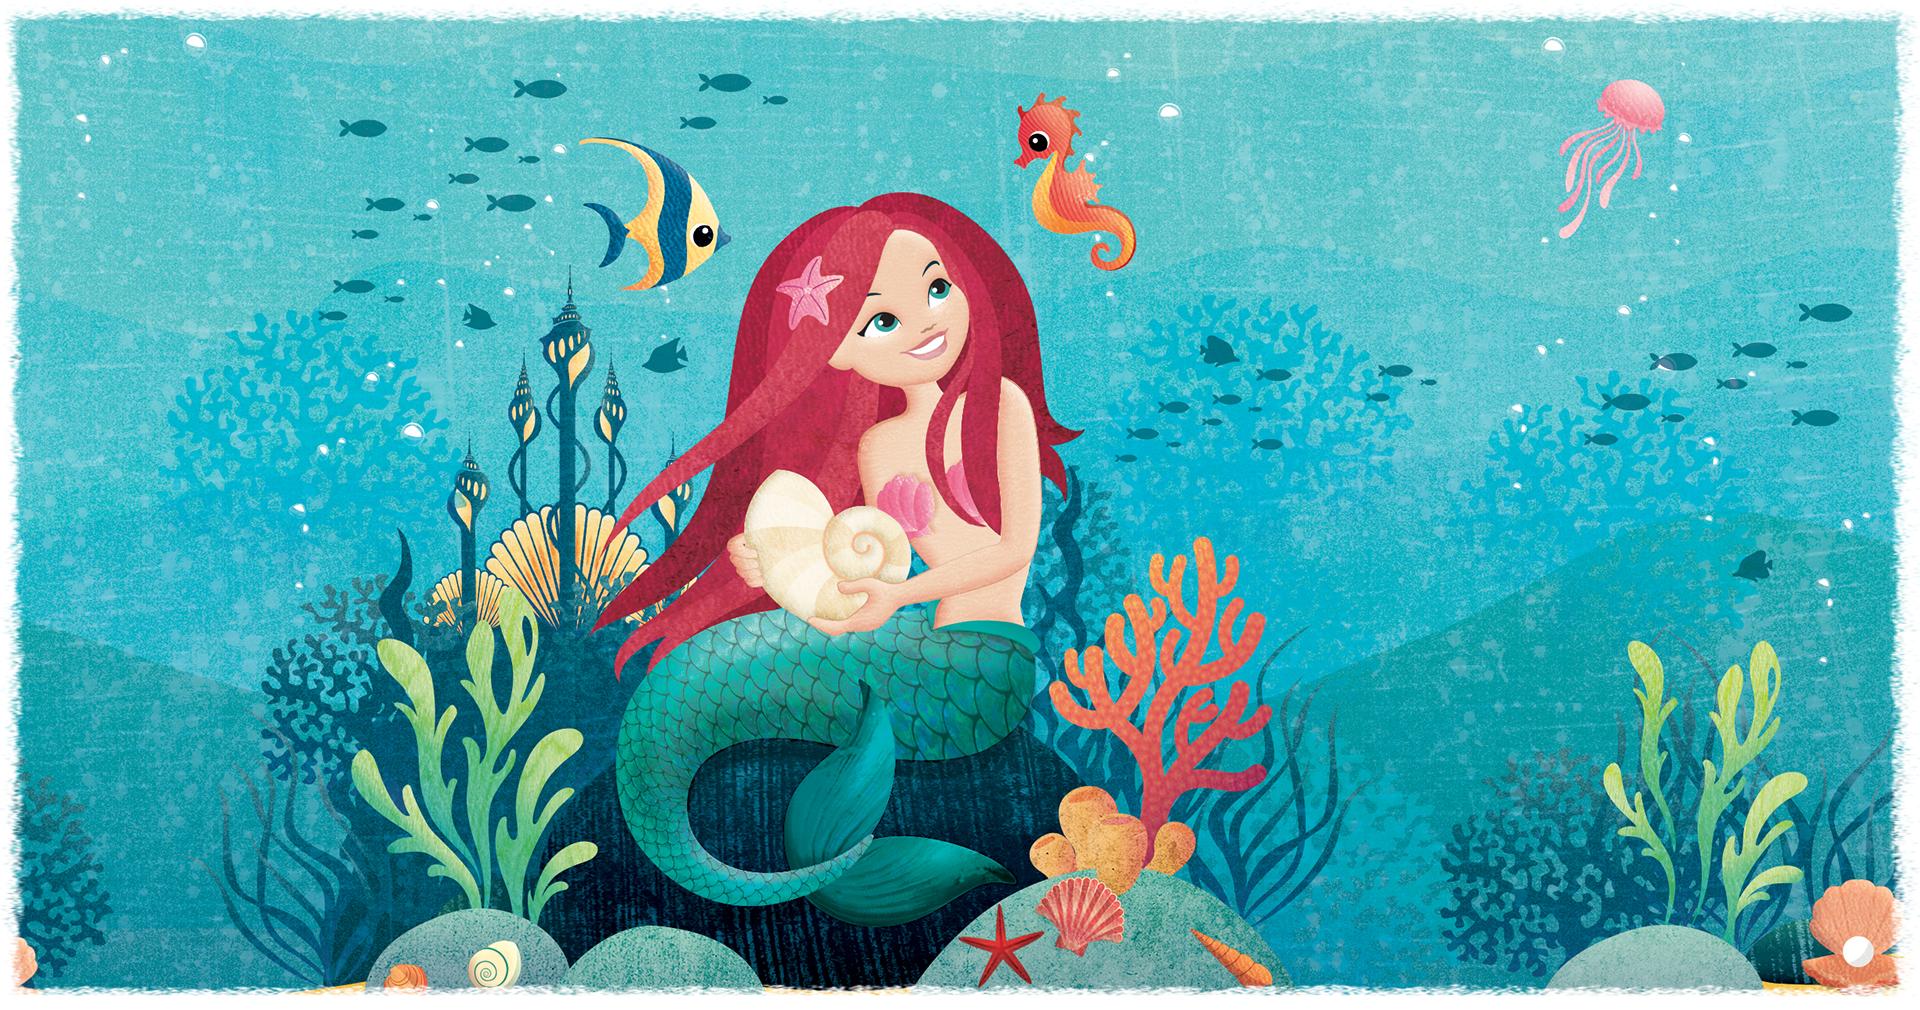 Pastiglie Leone Illustrazione Sirenetta - Eleonora Casetta